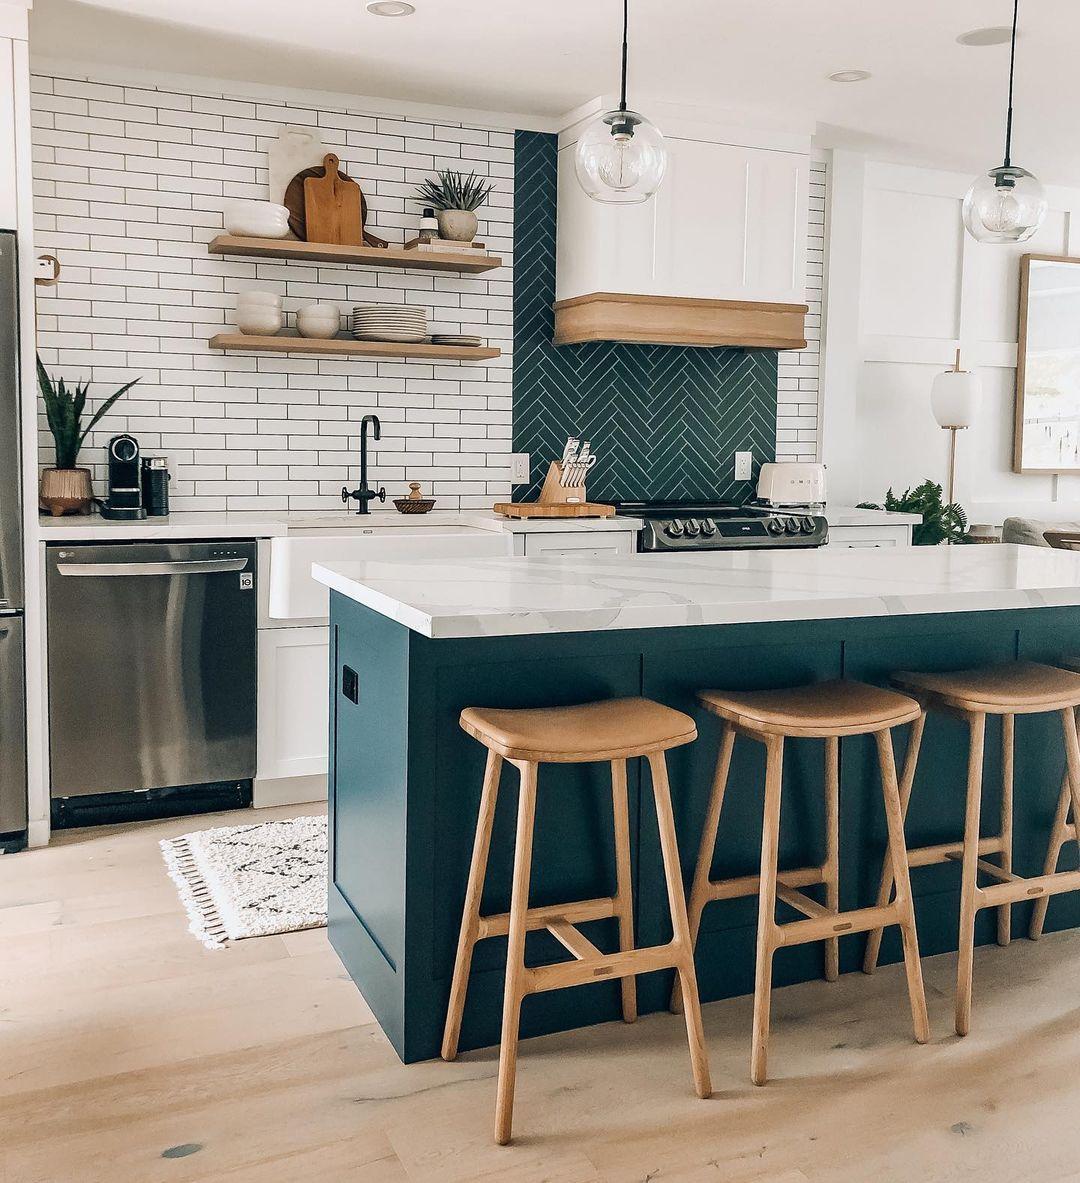 Kuchyň se smaragdovo zeleným ostrůvkem